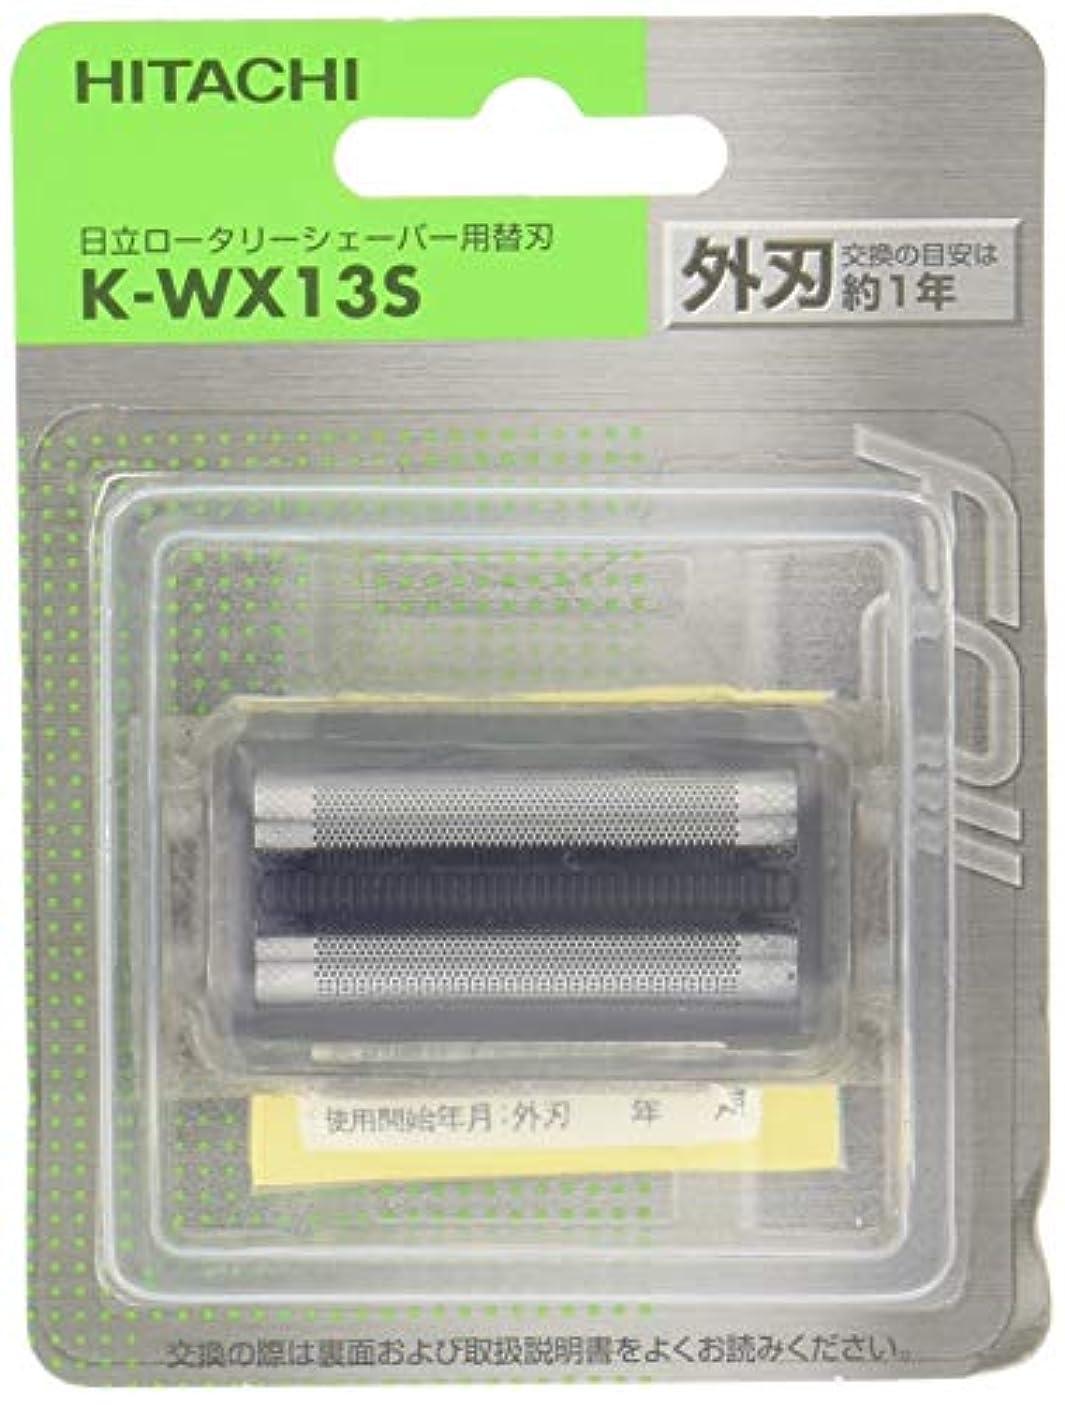 日立 替刃 外刃 K-WX13S